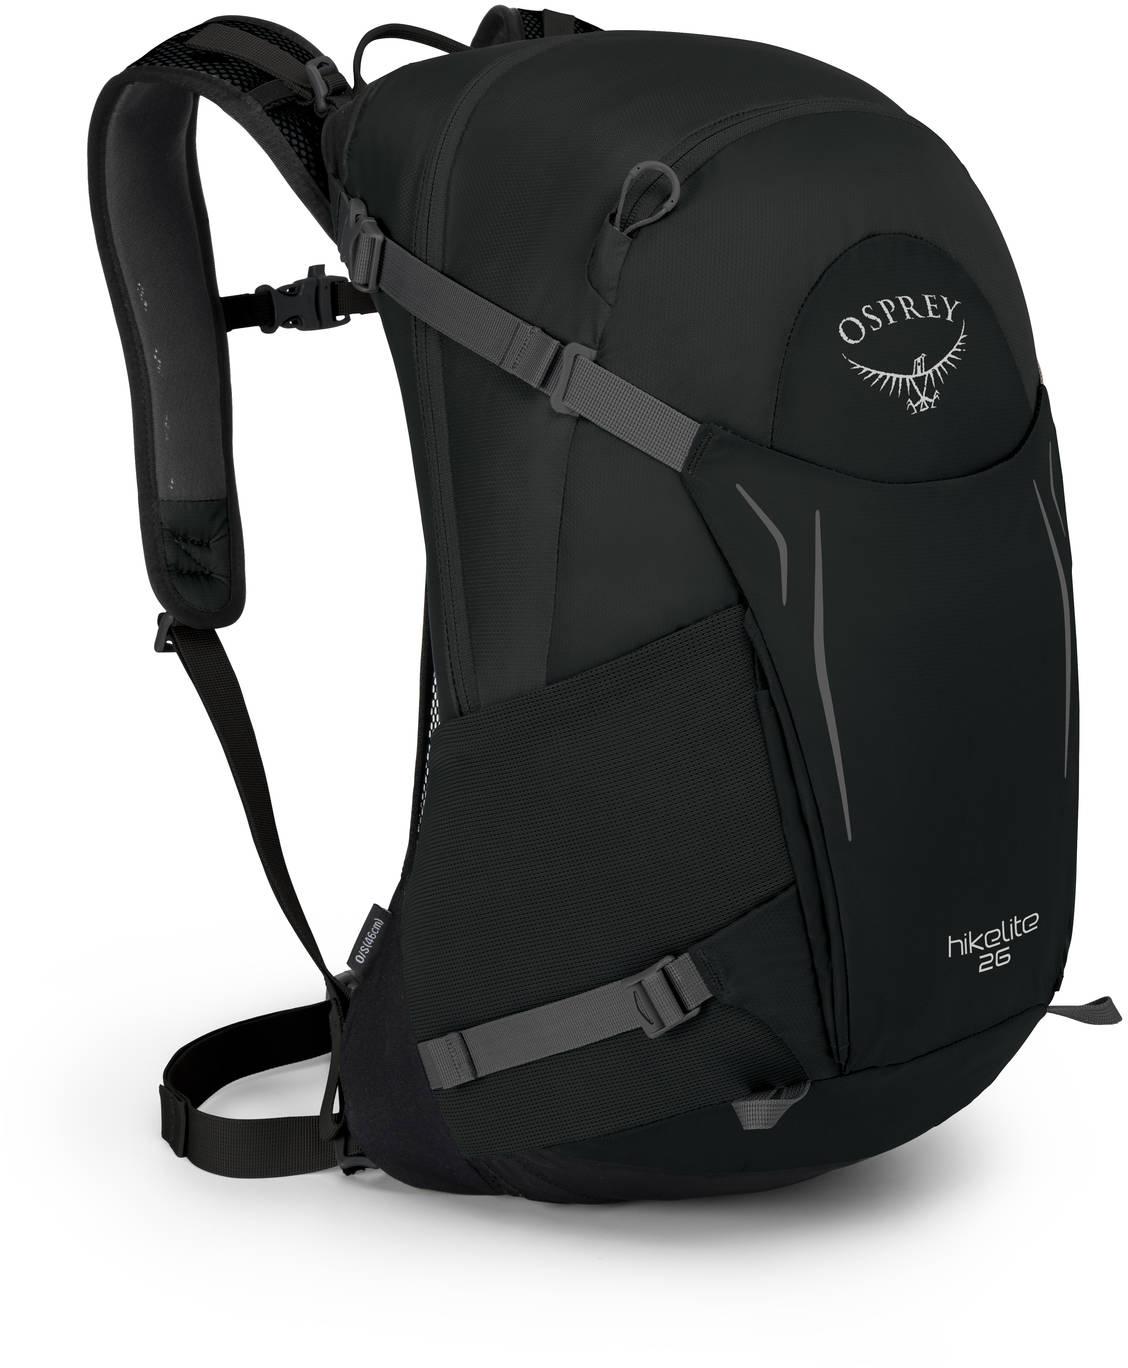 Туристические рюкзаки Рюкзак Osprey HIkelite 26 Black HIkelite26_S18_Side_Black_web.jpg